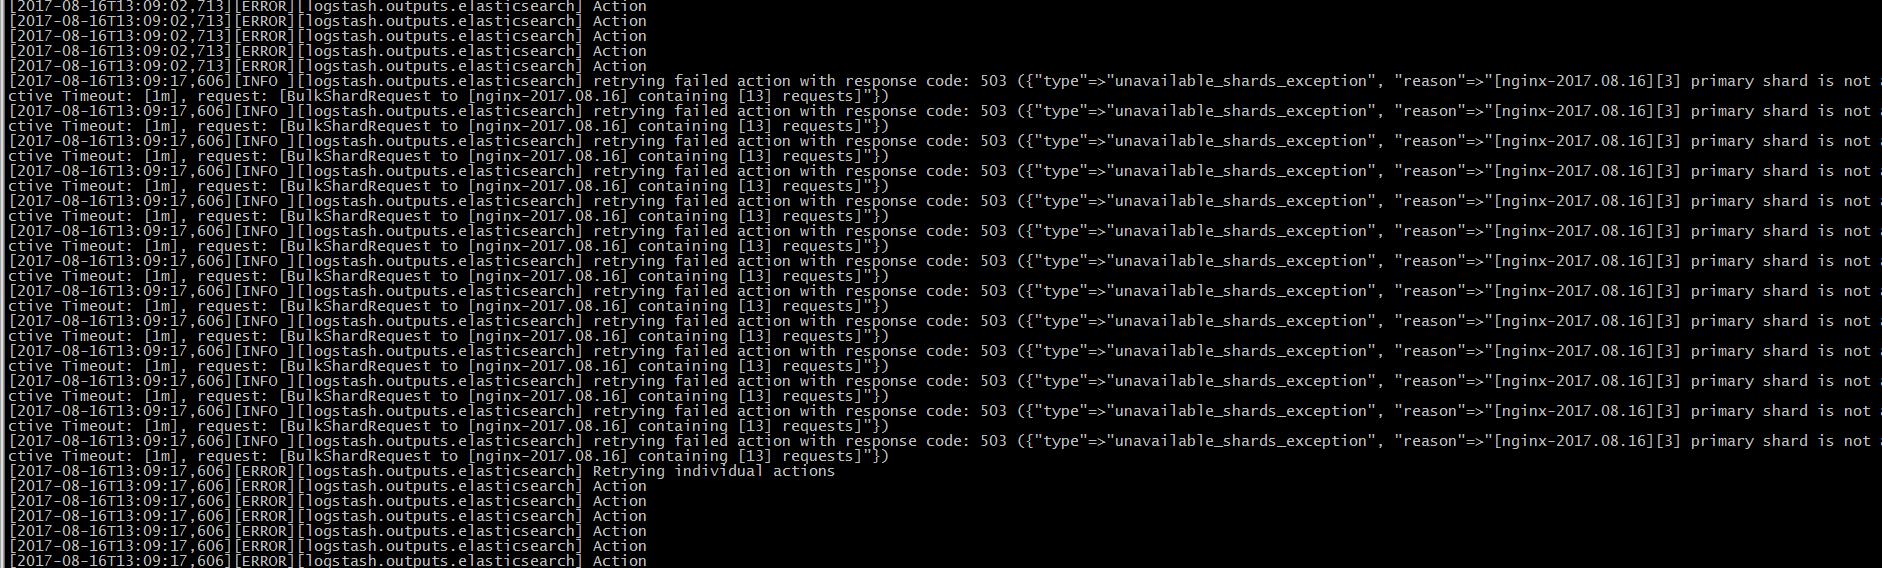 一次系统扩容引起的elasticsearch故障及恢复